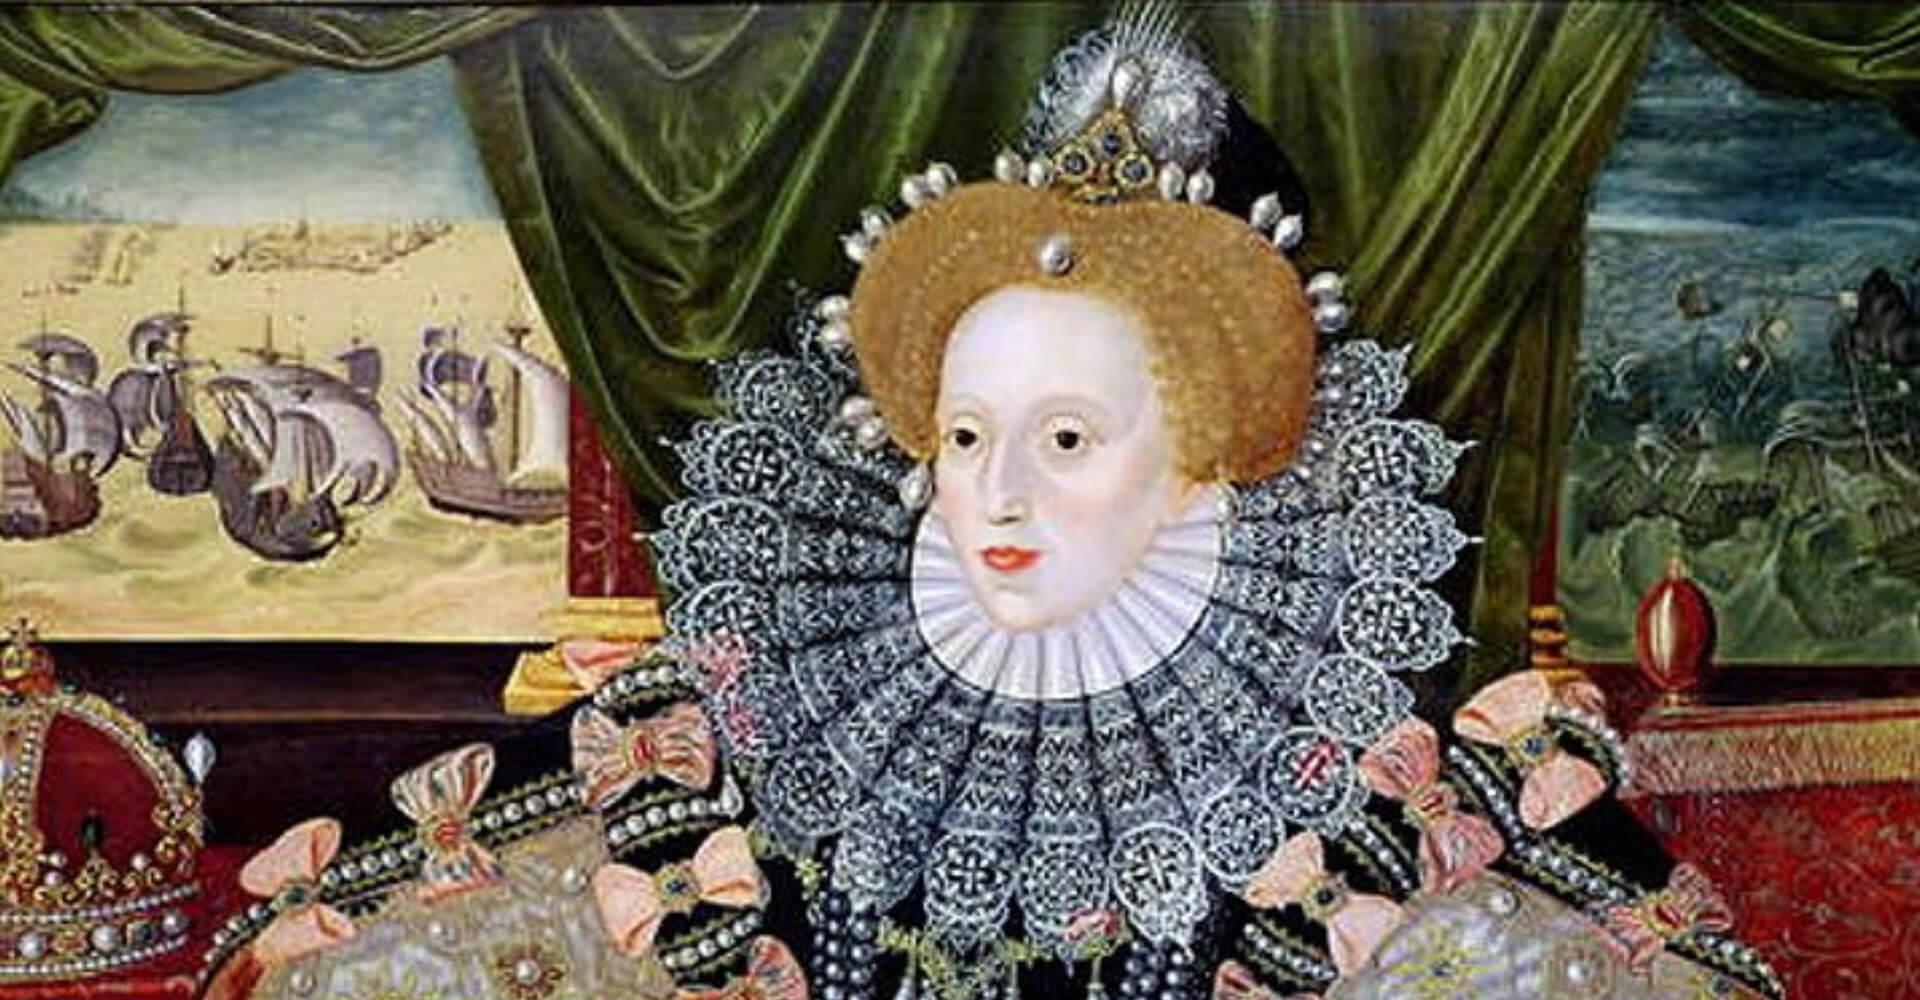 czy królowa elżbieta była mężczyzną?